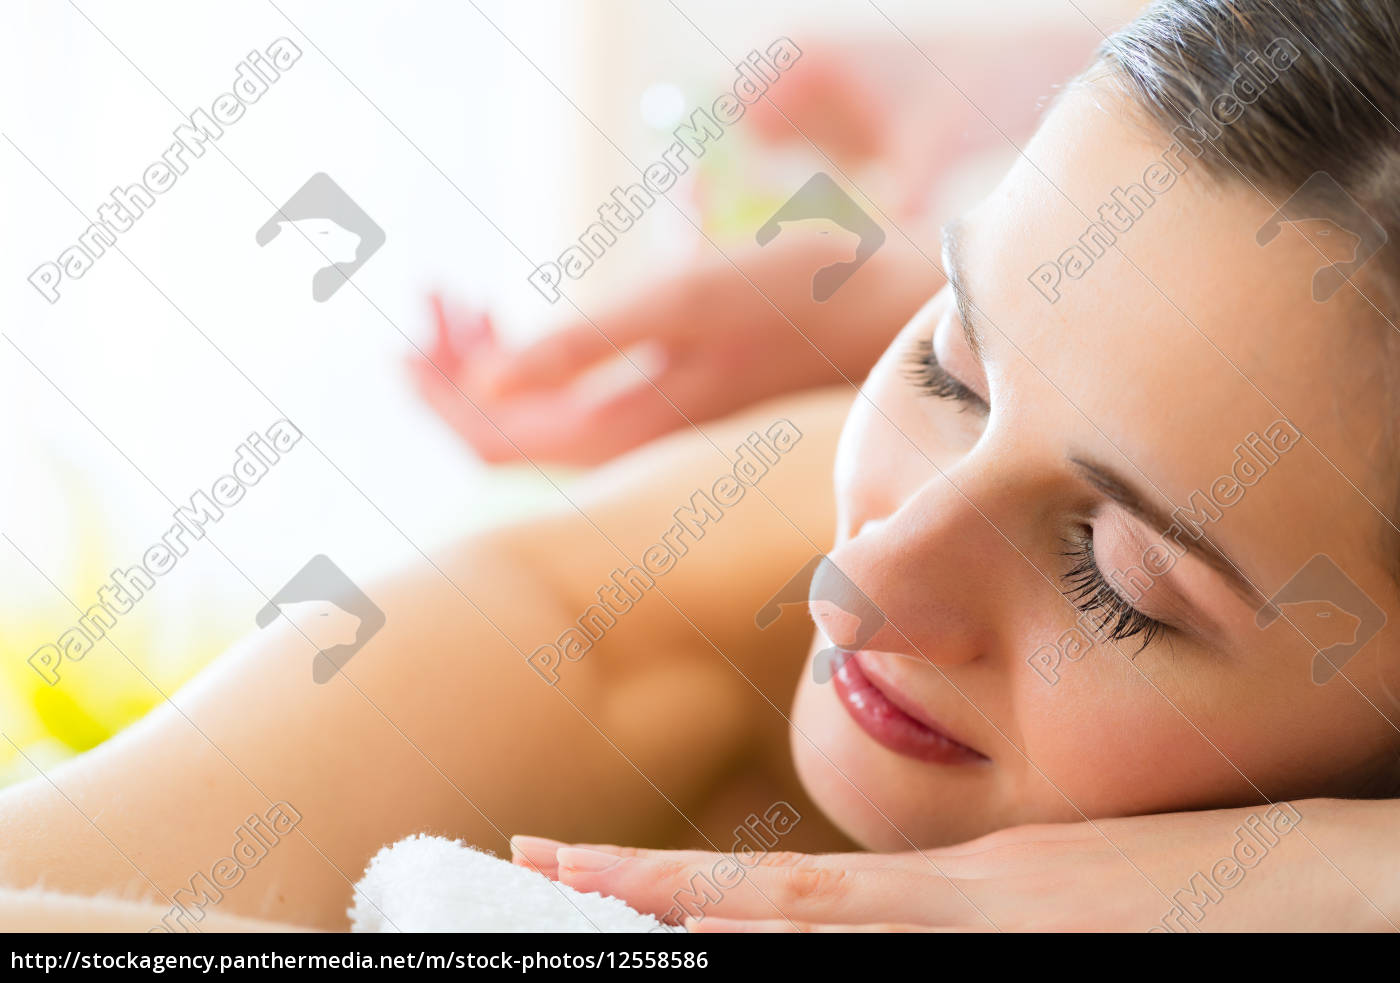 la, donna, riceve, un, massaggio, alla - 12558586